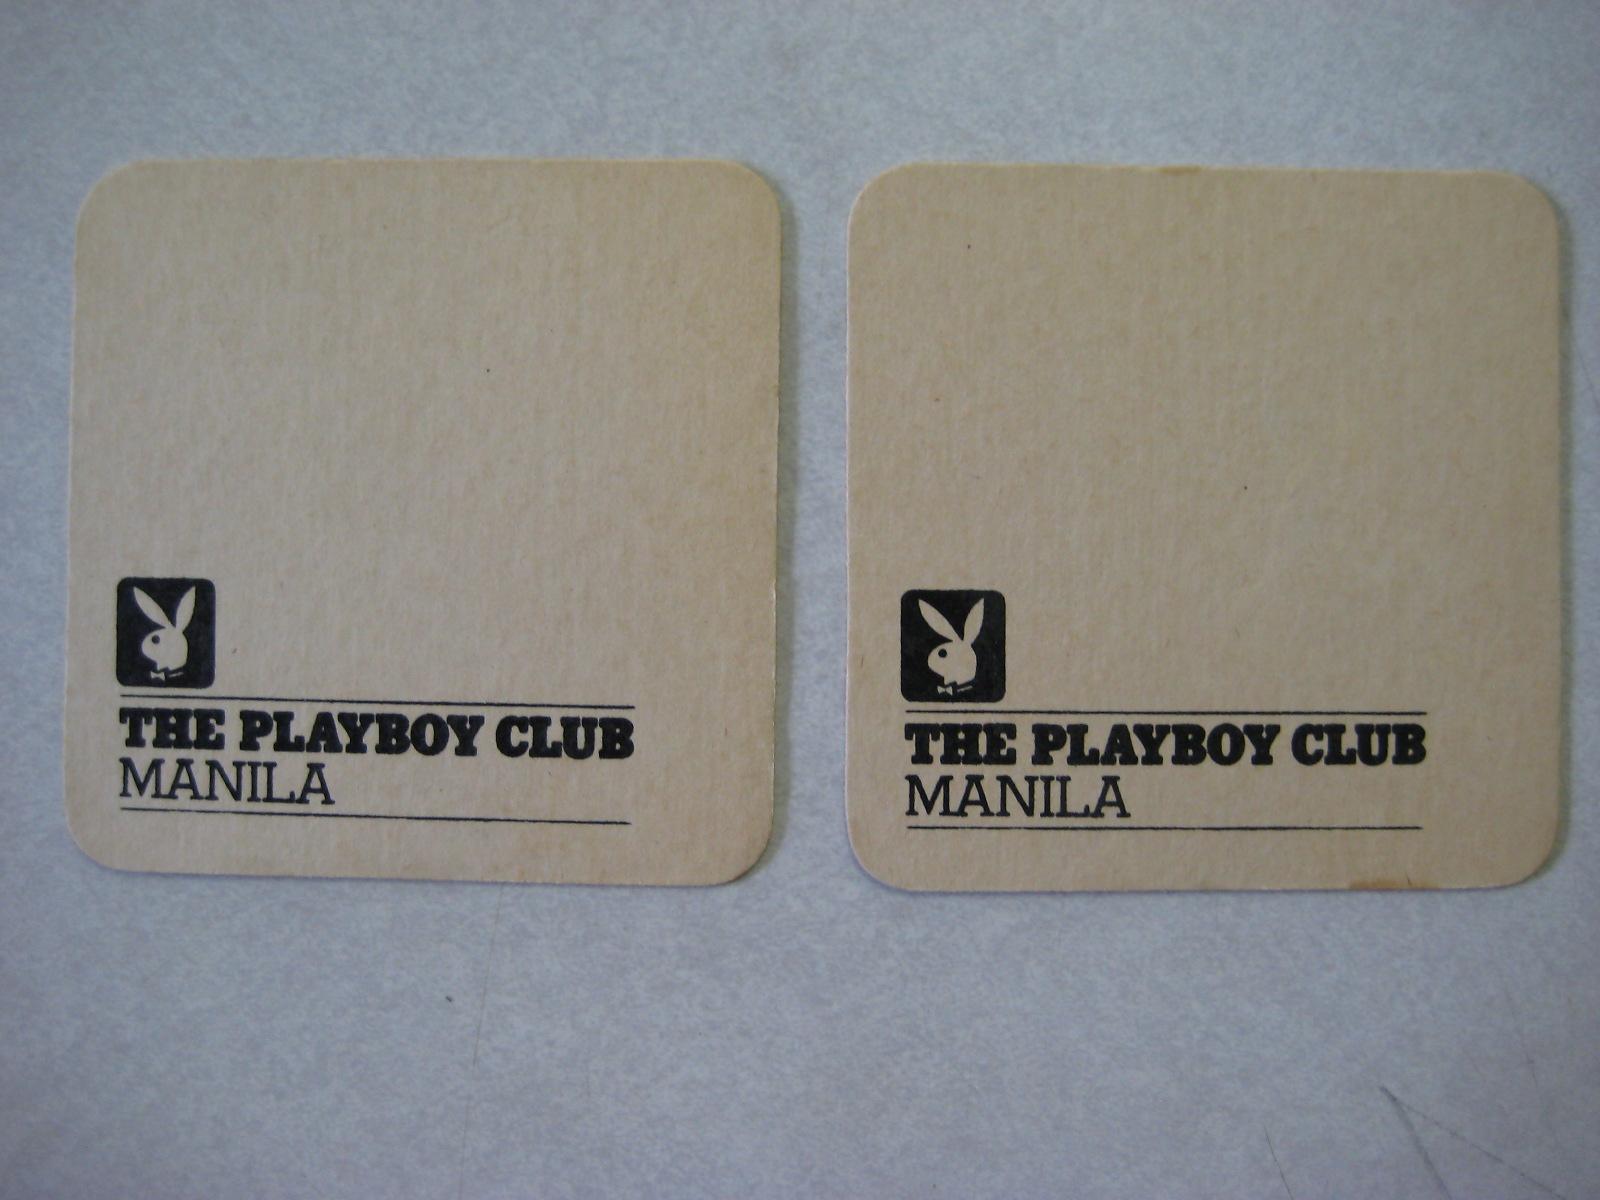 Playboy Club Manila Coasters